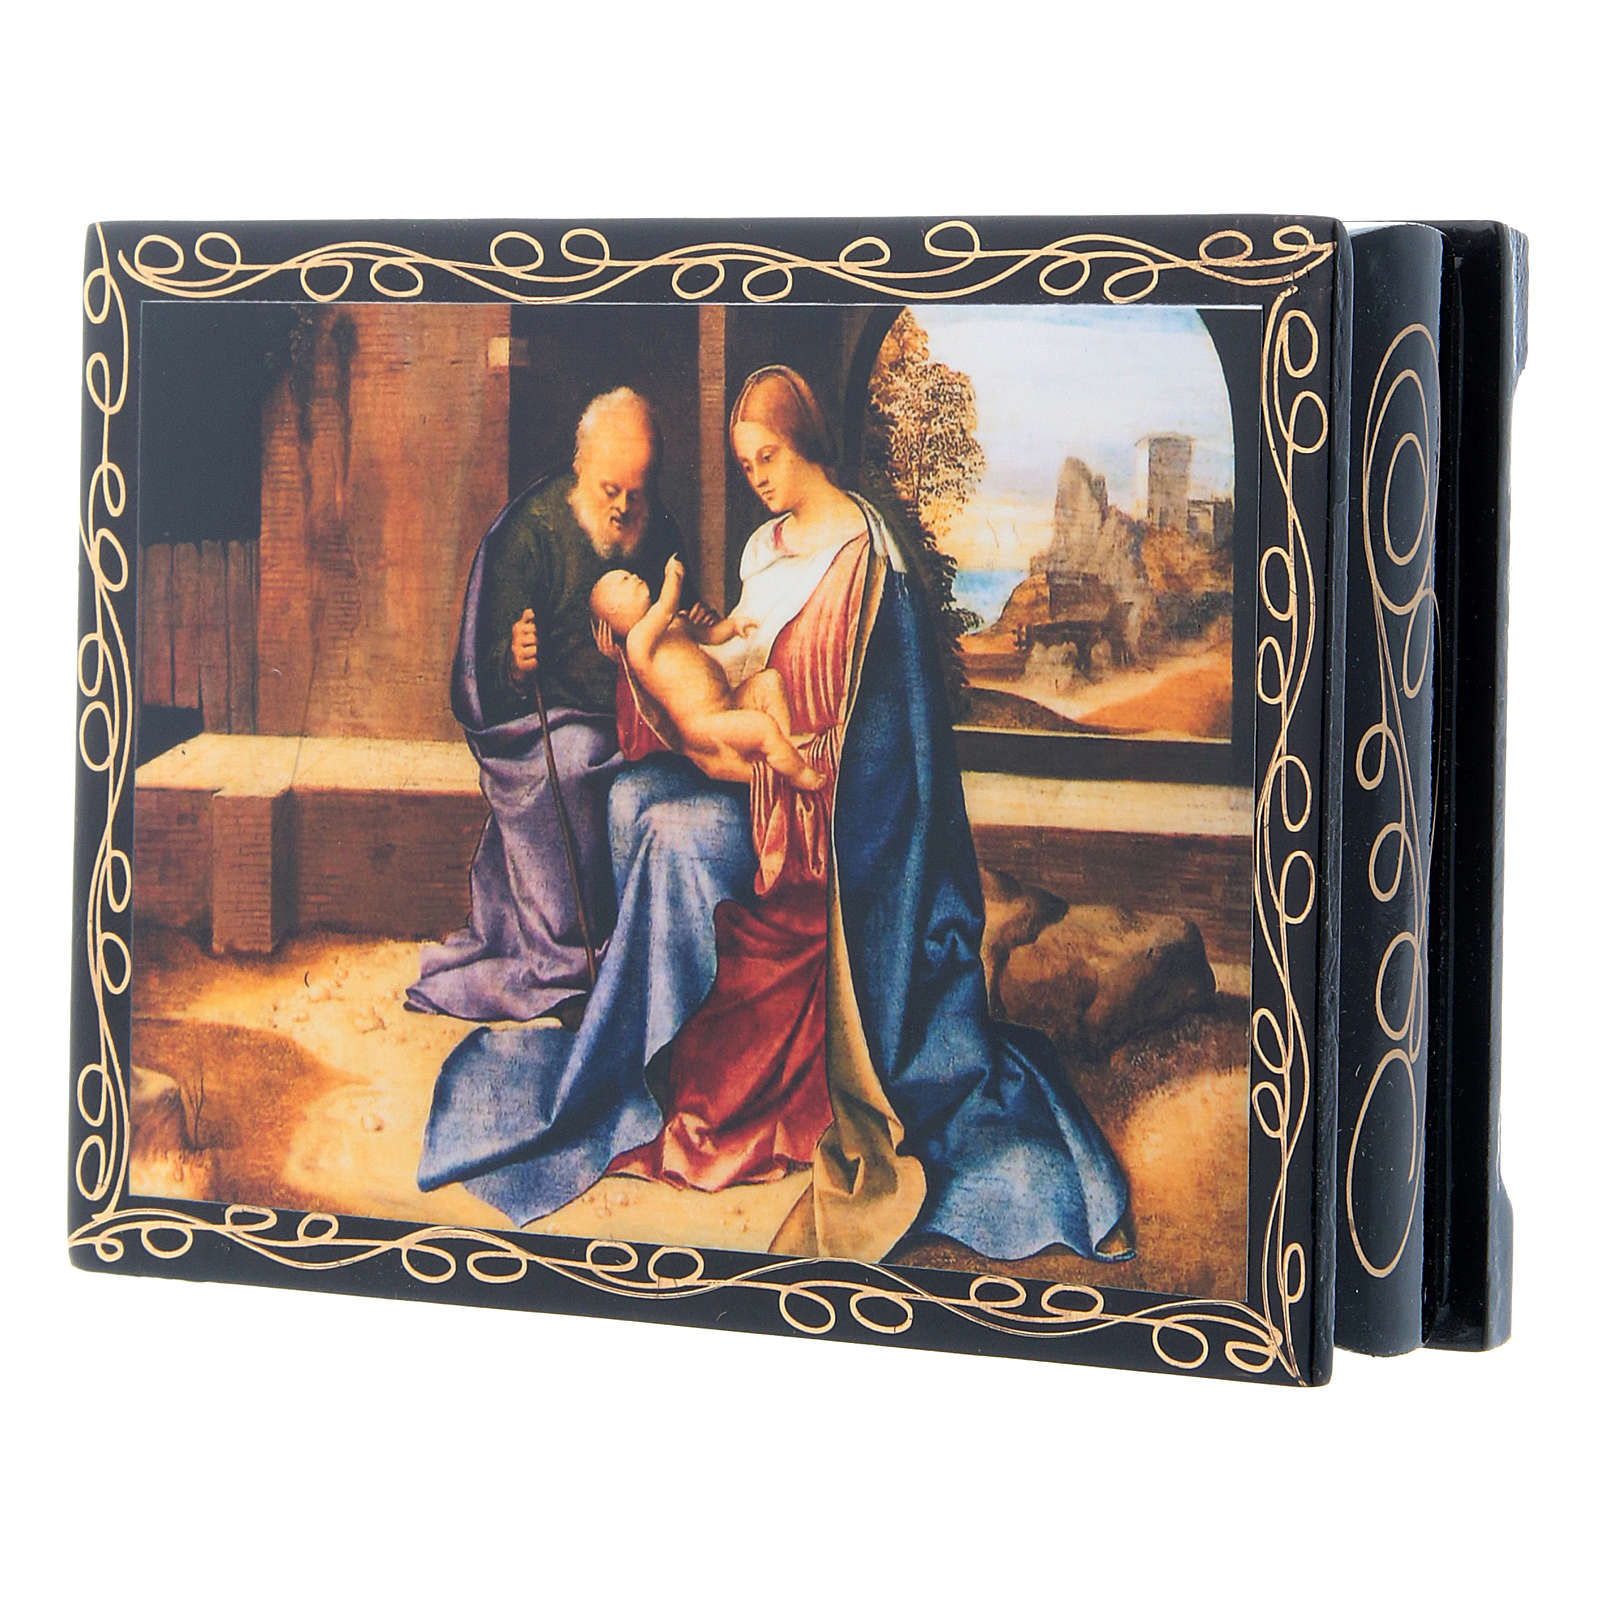 Scatola russa cartapesta La Nascita di Gesù Cristo 14X10 cm 4